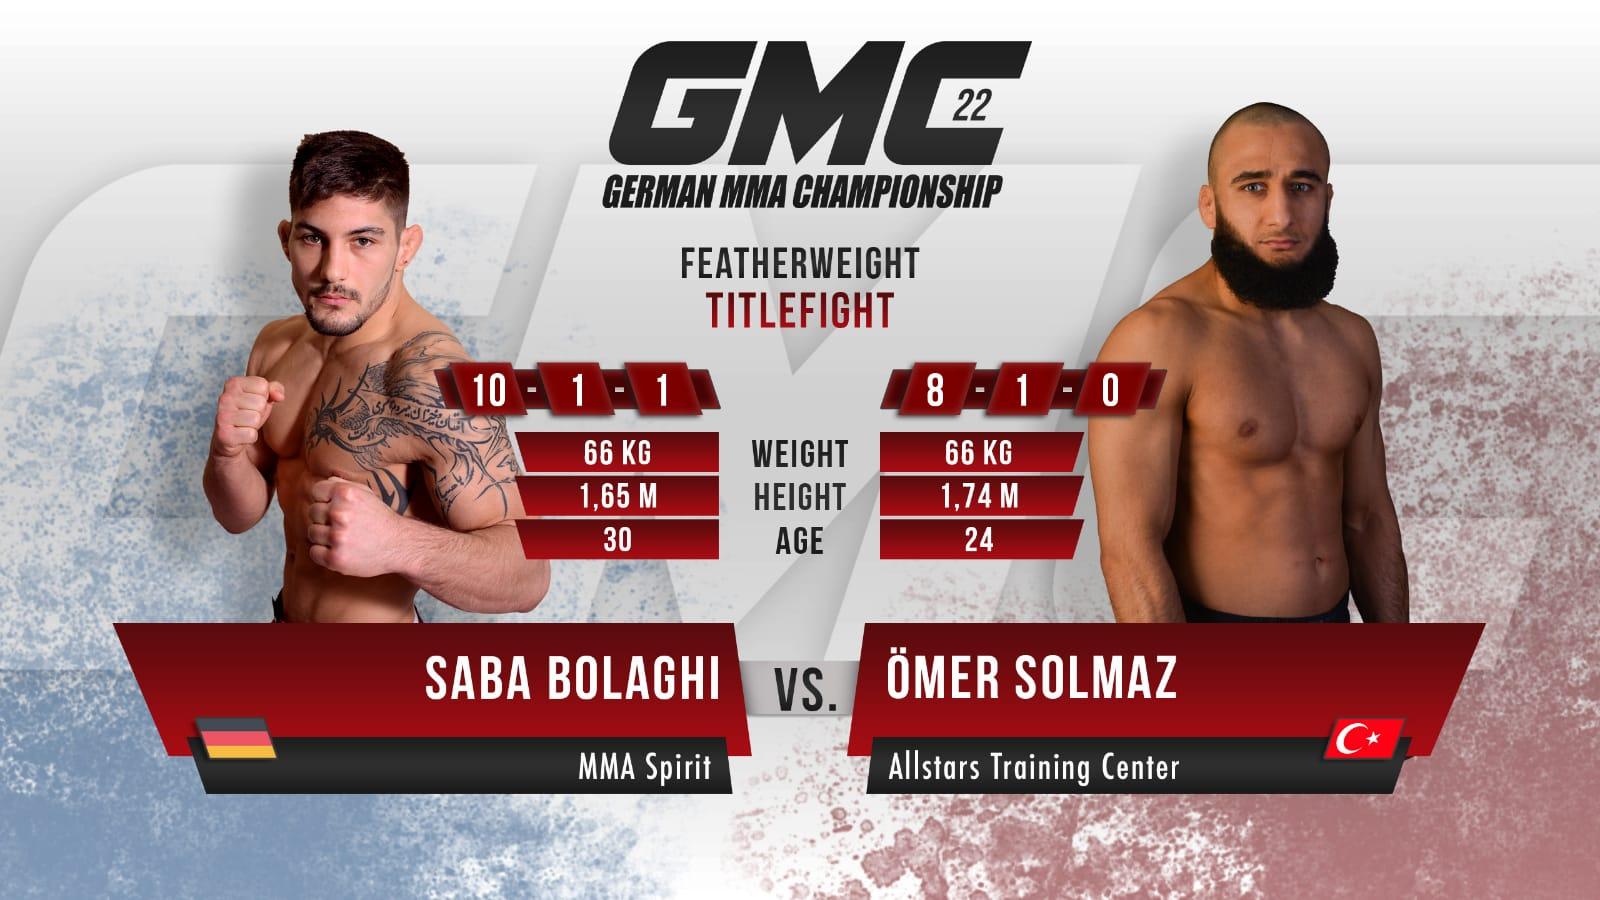 GMC 22 Solmaz vs Bolaghi